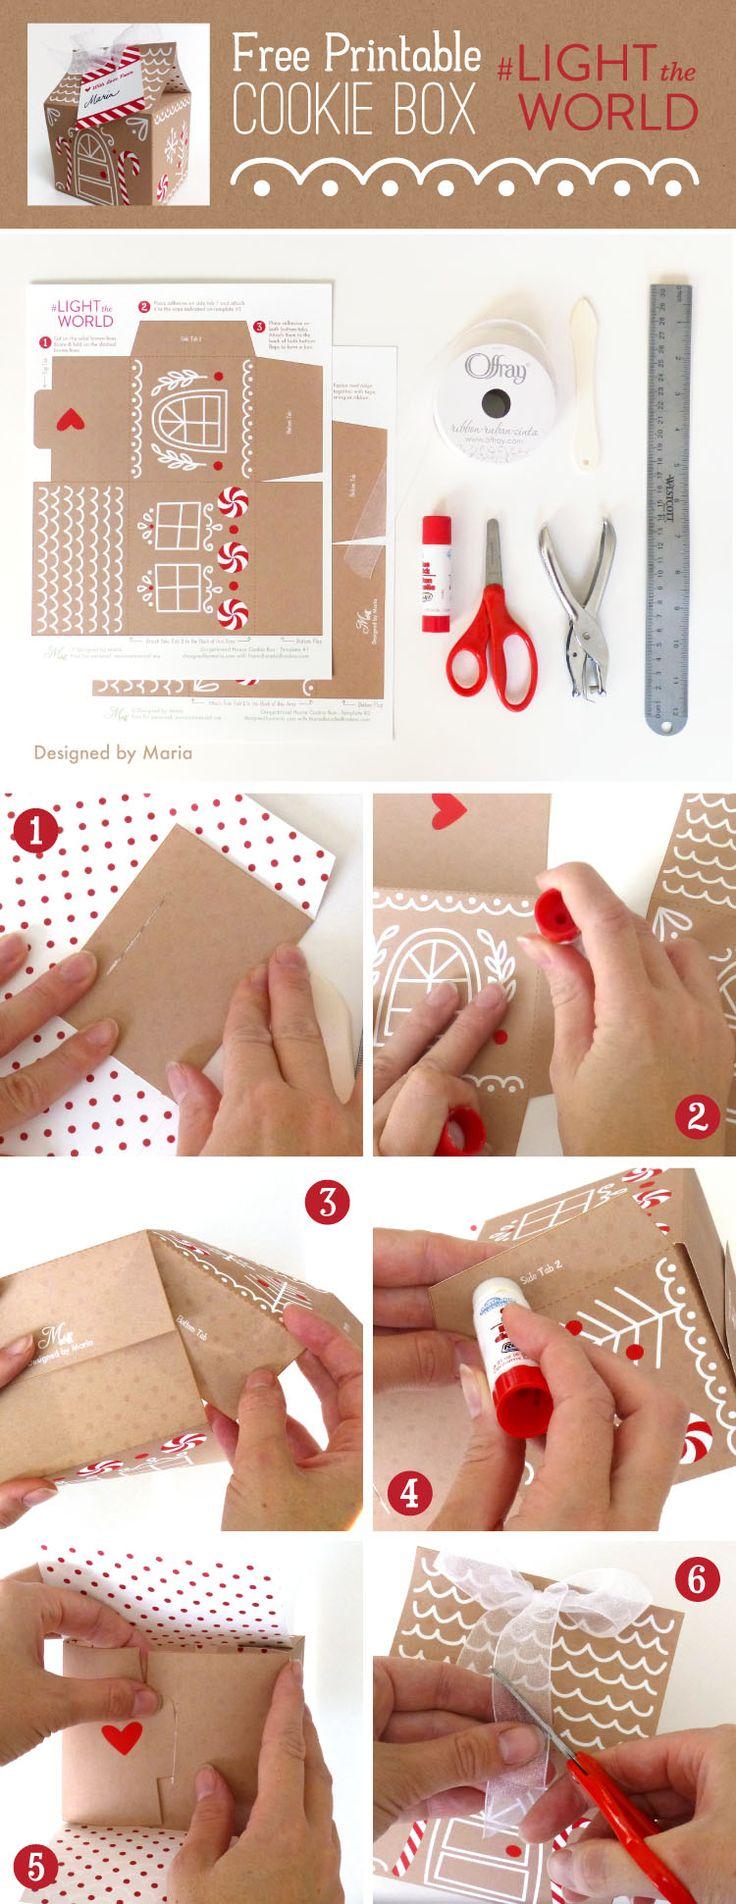 Gingerbread House Printable   Christmas Printables   #lighttheworld